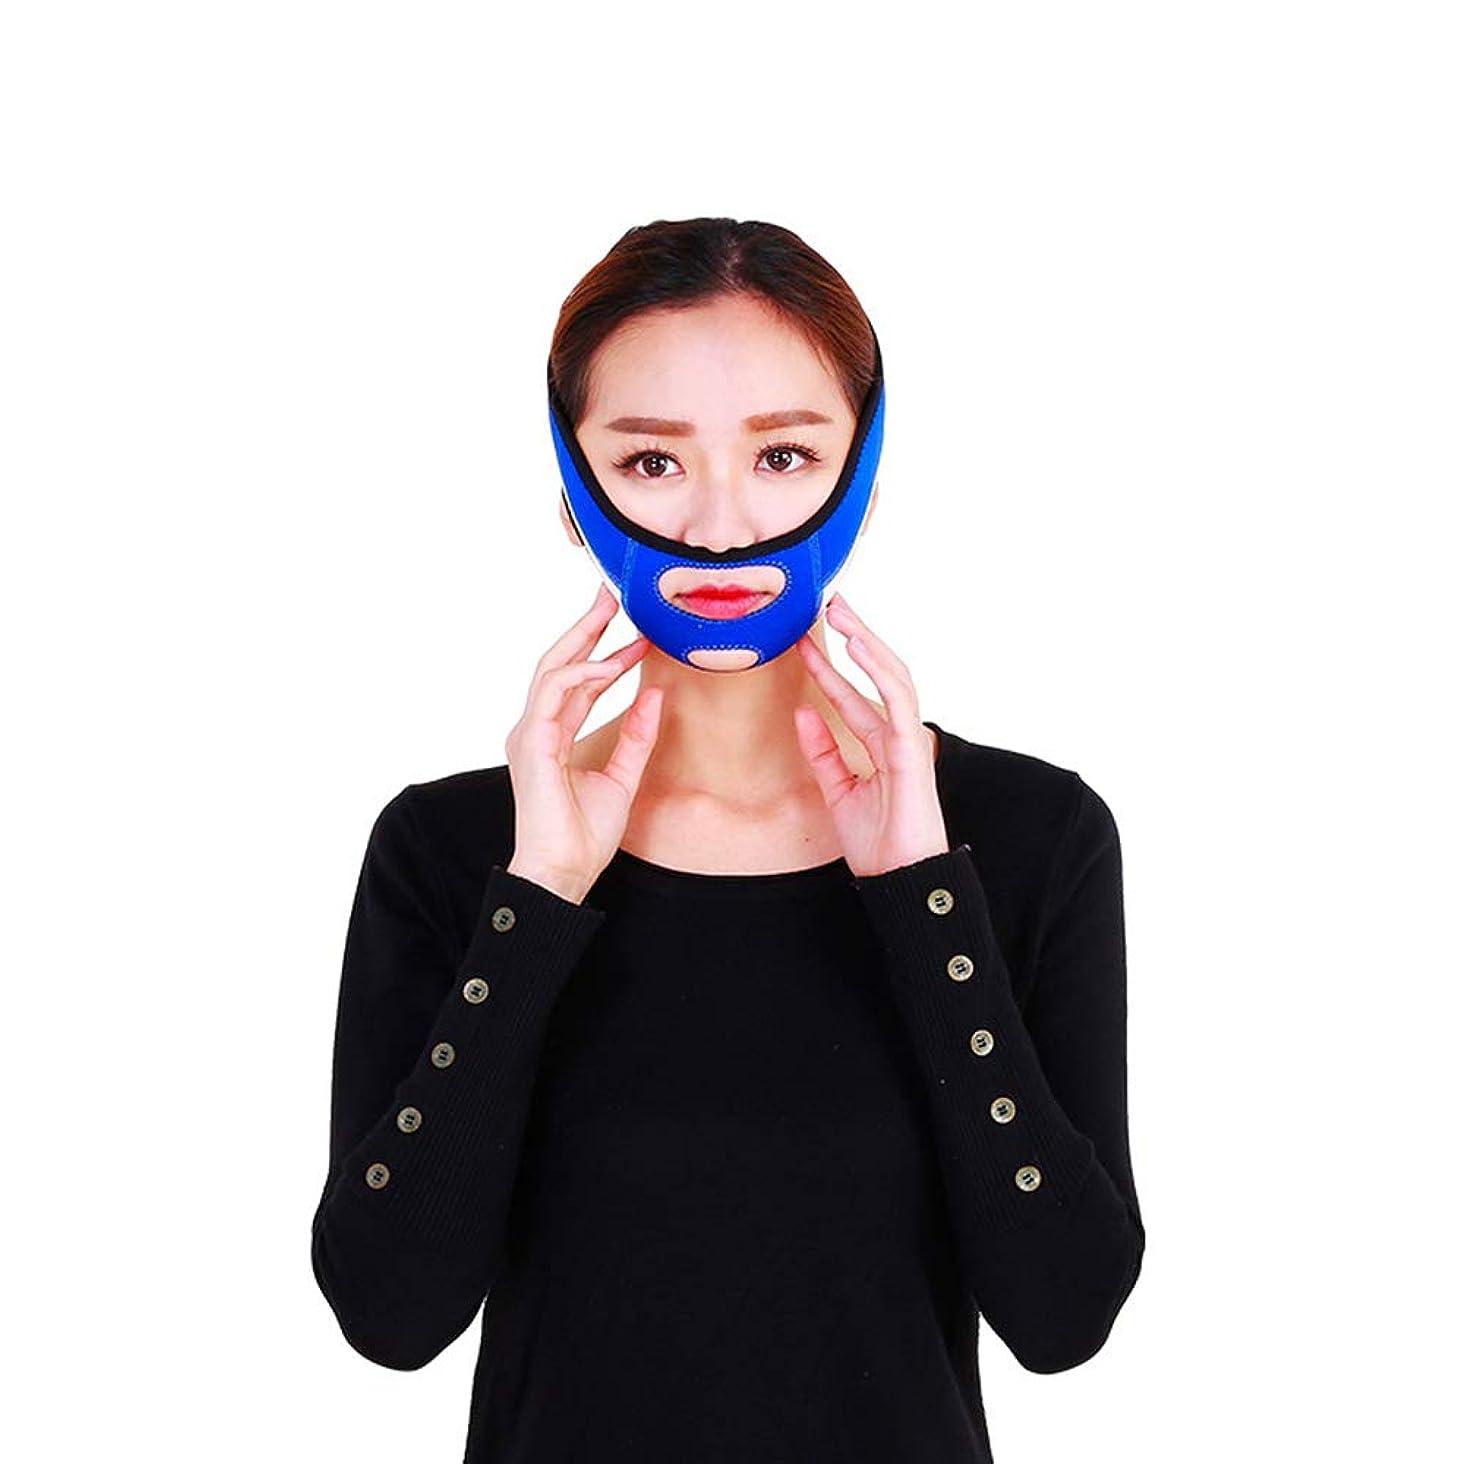 地質学傷跡バレーボールフェイシャルリフティング痩身ベルトフェーススリム二重あごを取り除くアンチエイジングリンクルフェイス包帯マスク整形マスクが顔を引き締める